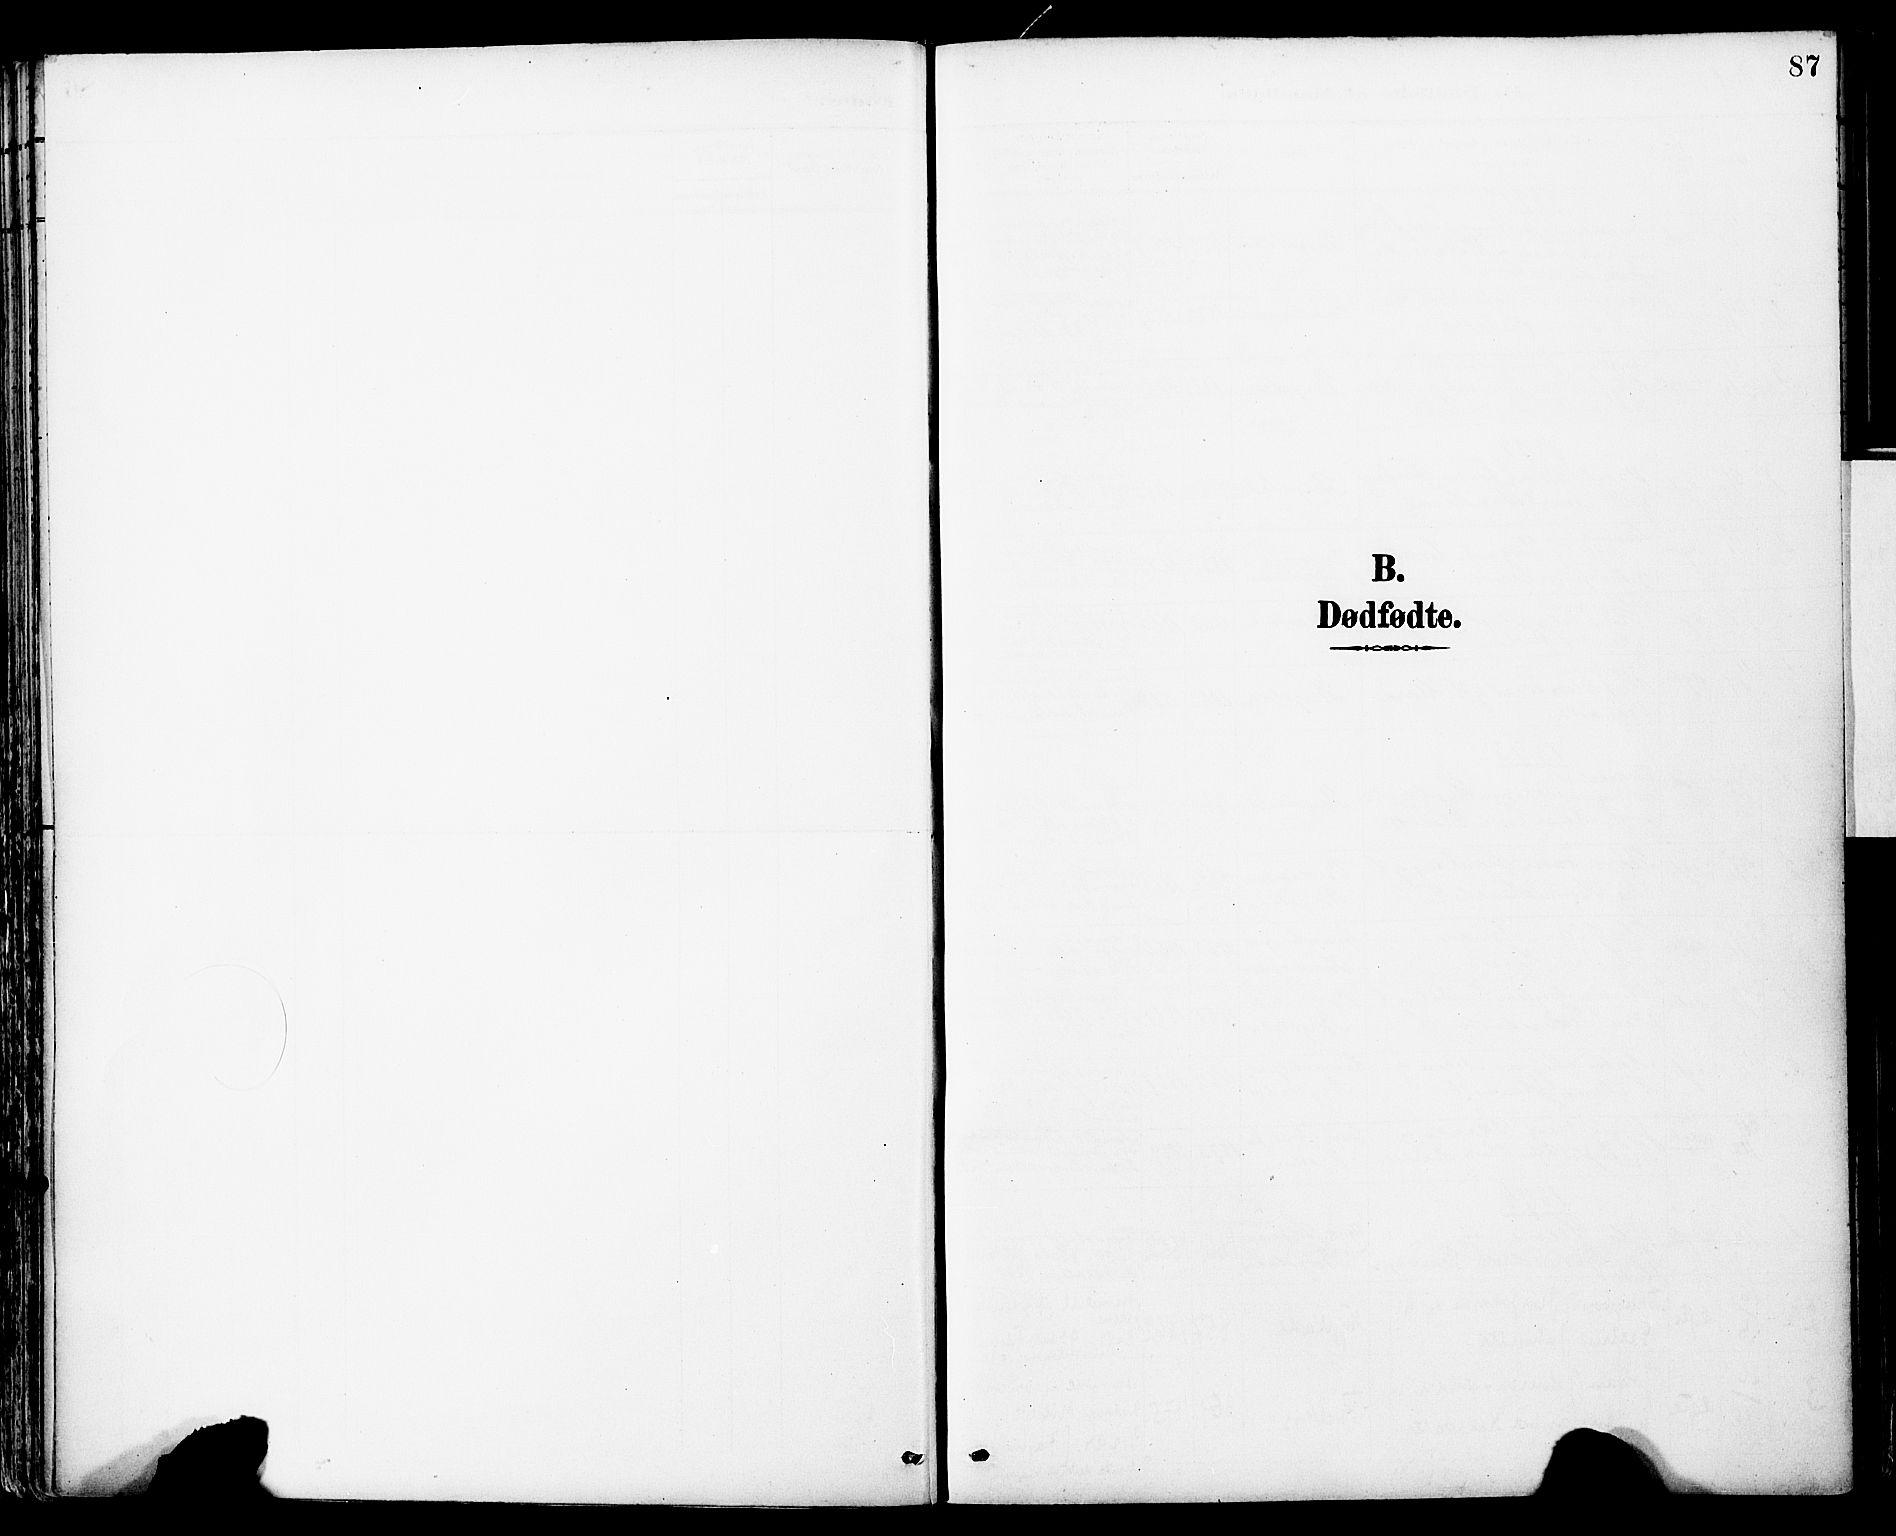 SAT, Ministerialprotokoller, klokkerbøker og fødselsregistre - Sør-Trøndelag, 681/L0935: Ministerialbok nr. 681A13, 1890-1898, s. 87